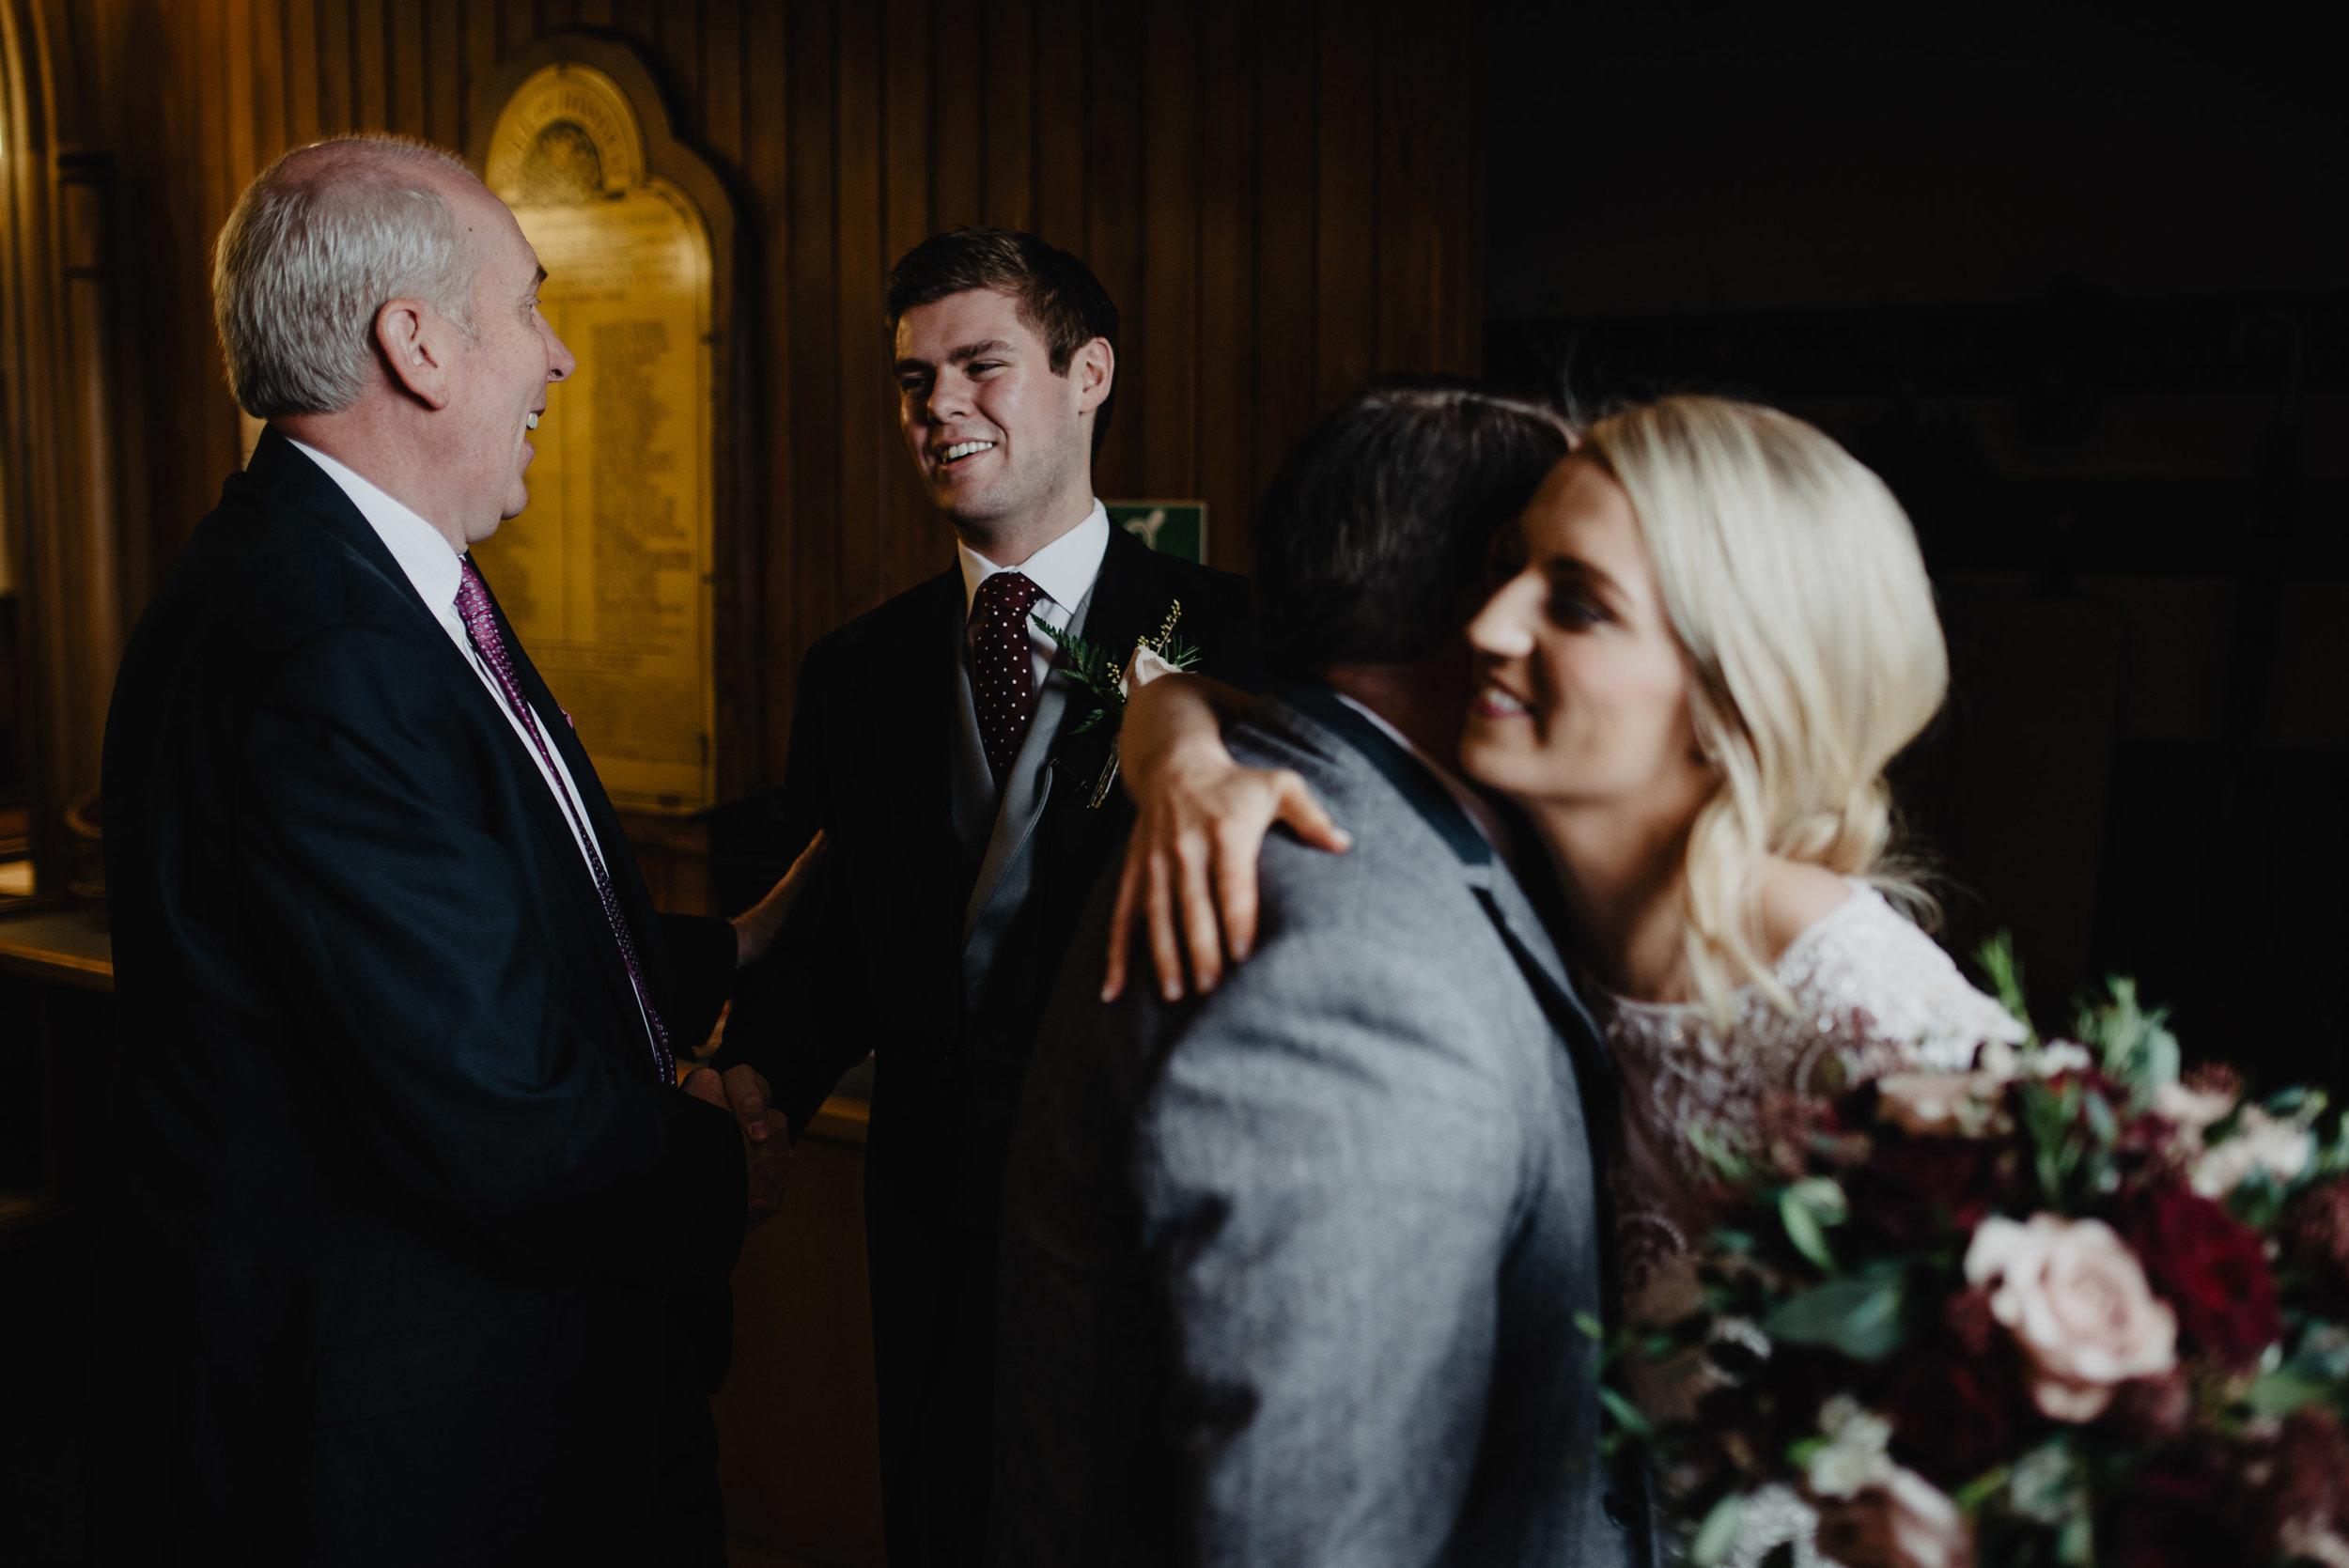 larchfield estate wedding photos-68.jpg